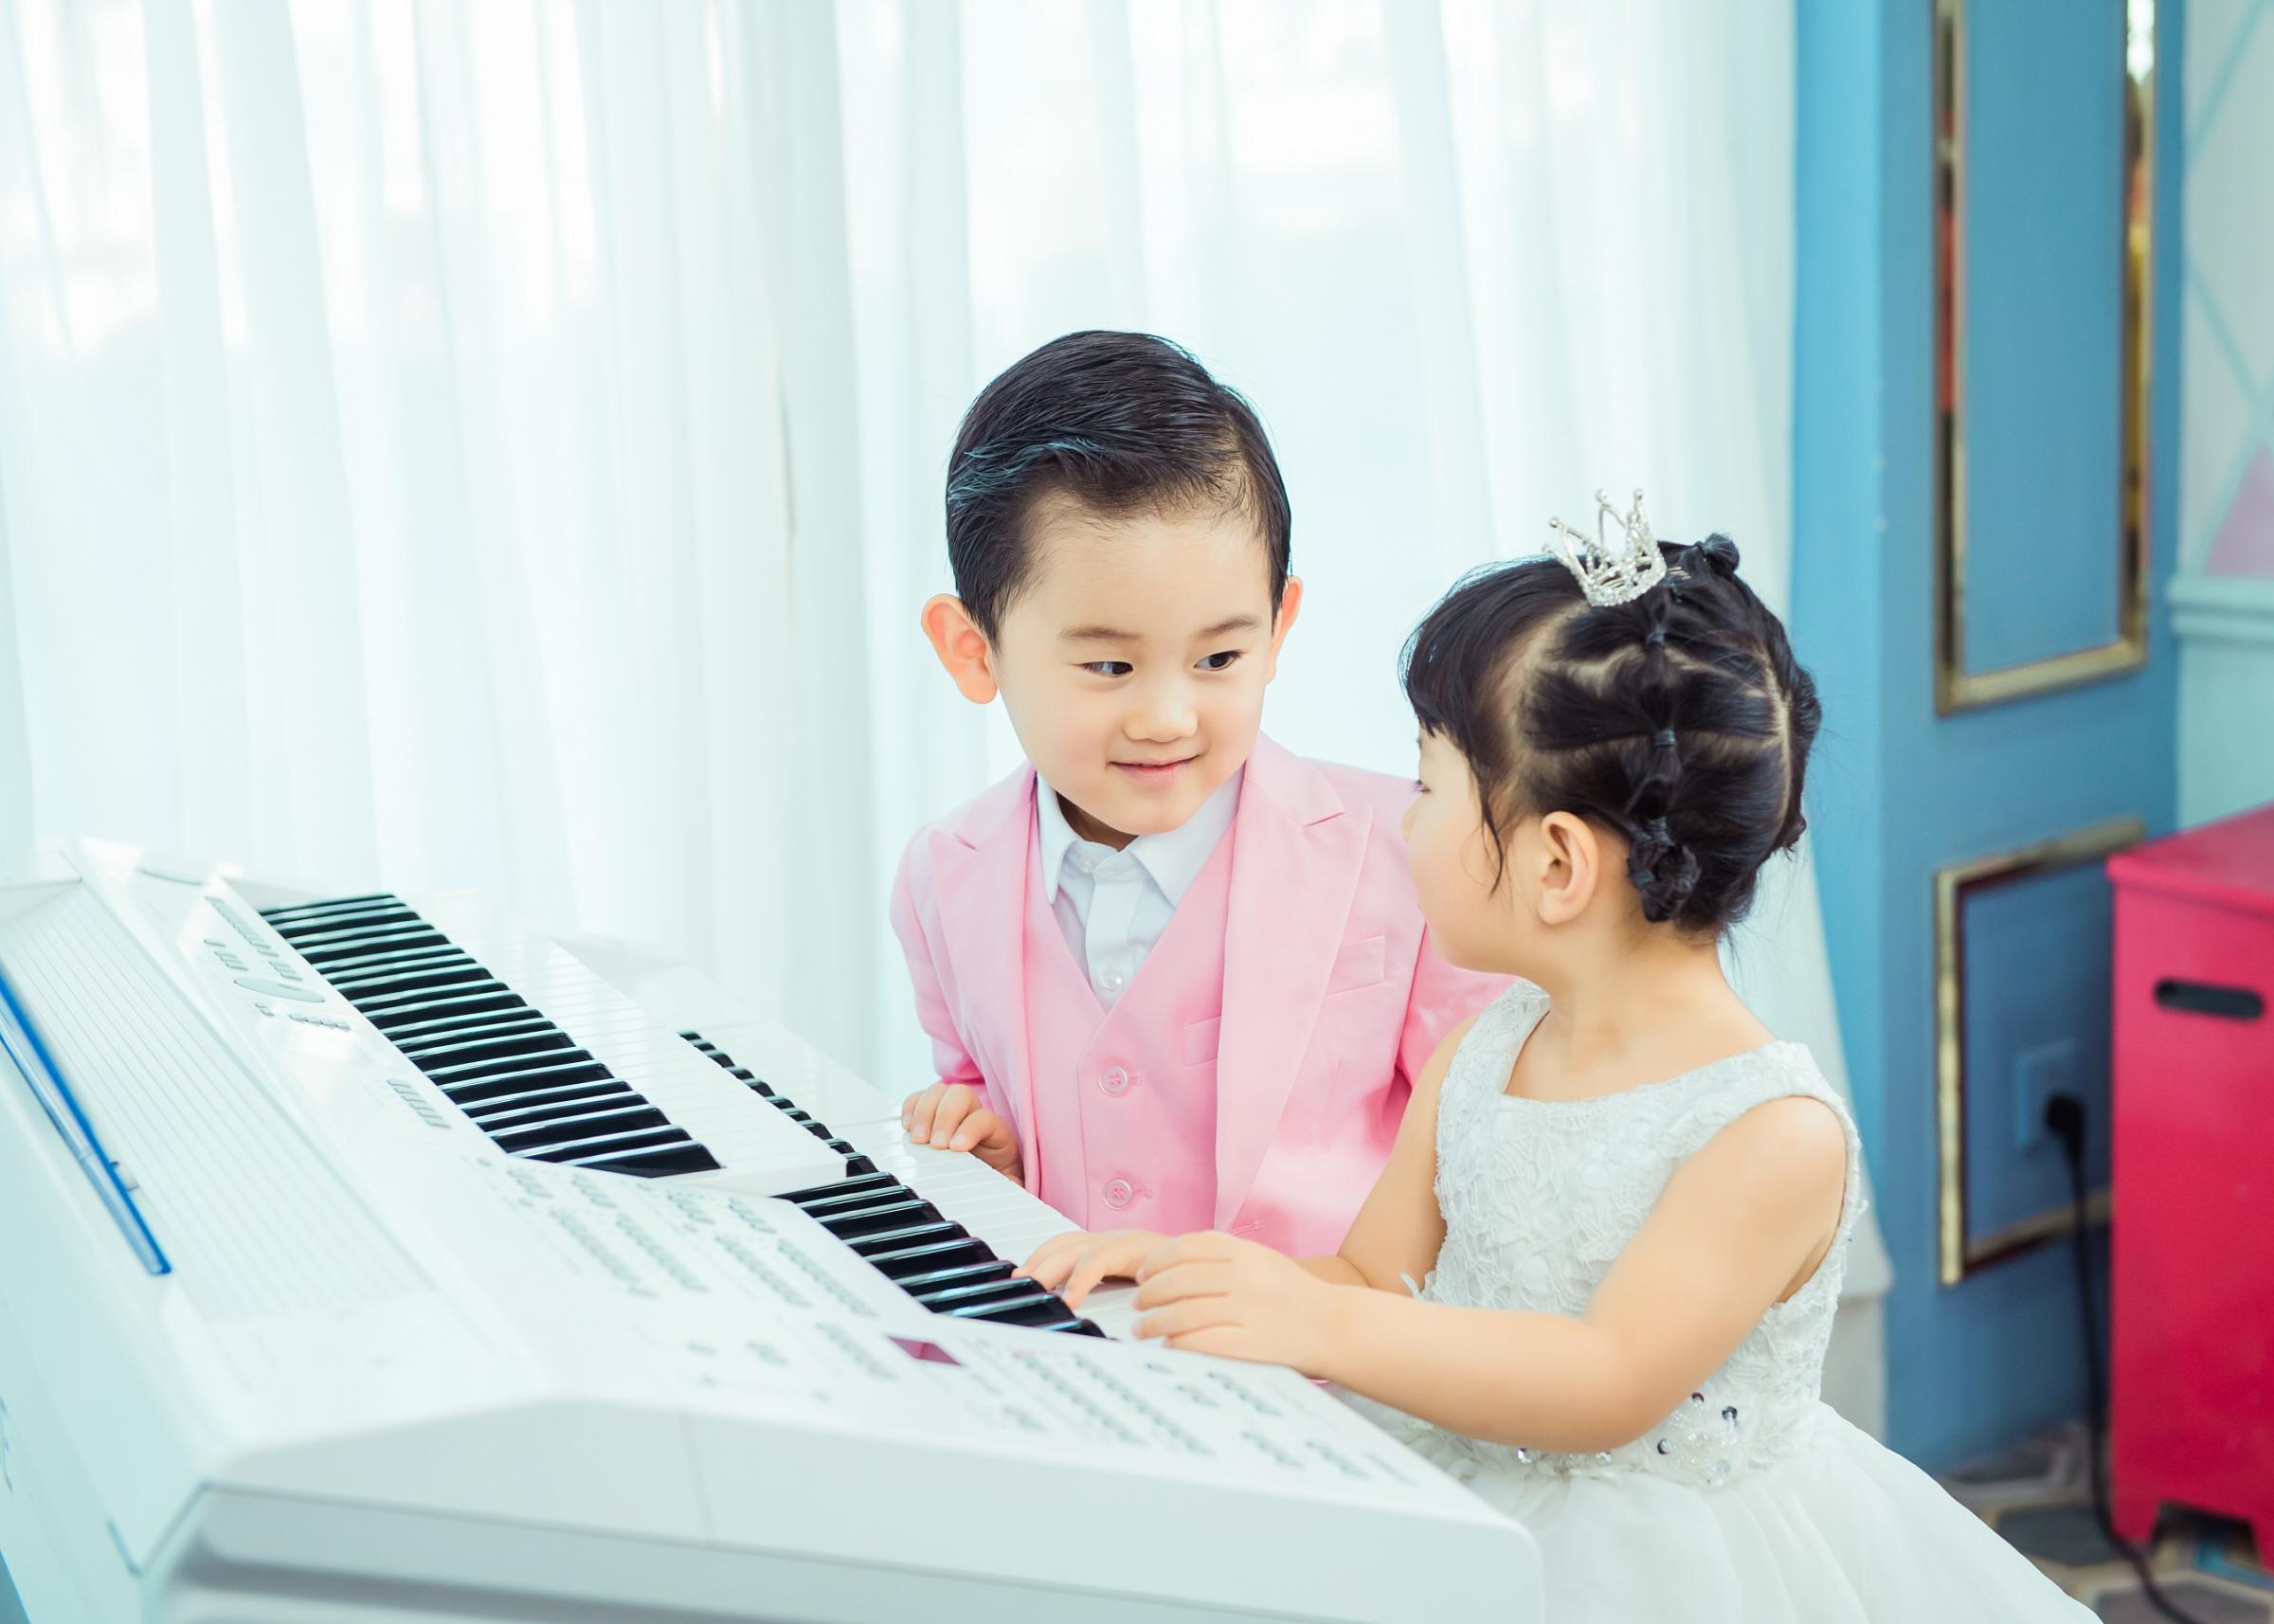 音乐教育机构与幼儿园可以有哪些合作方式?